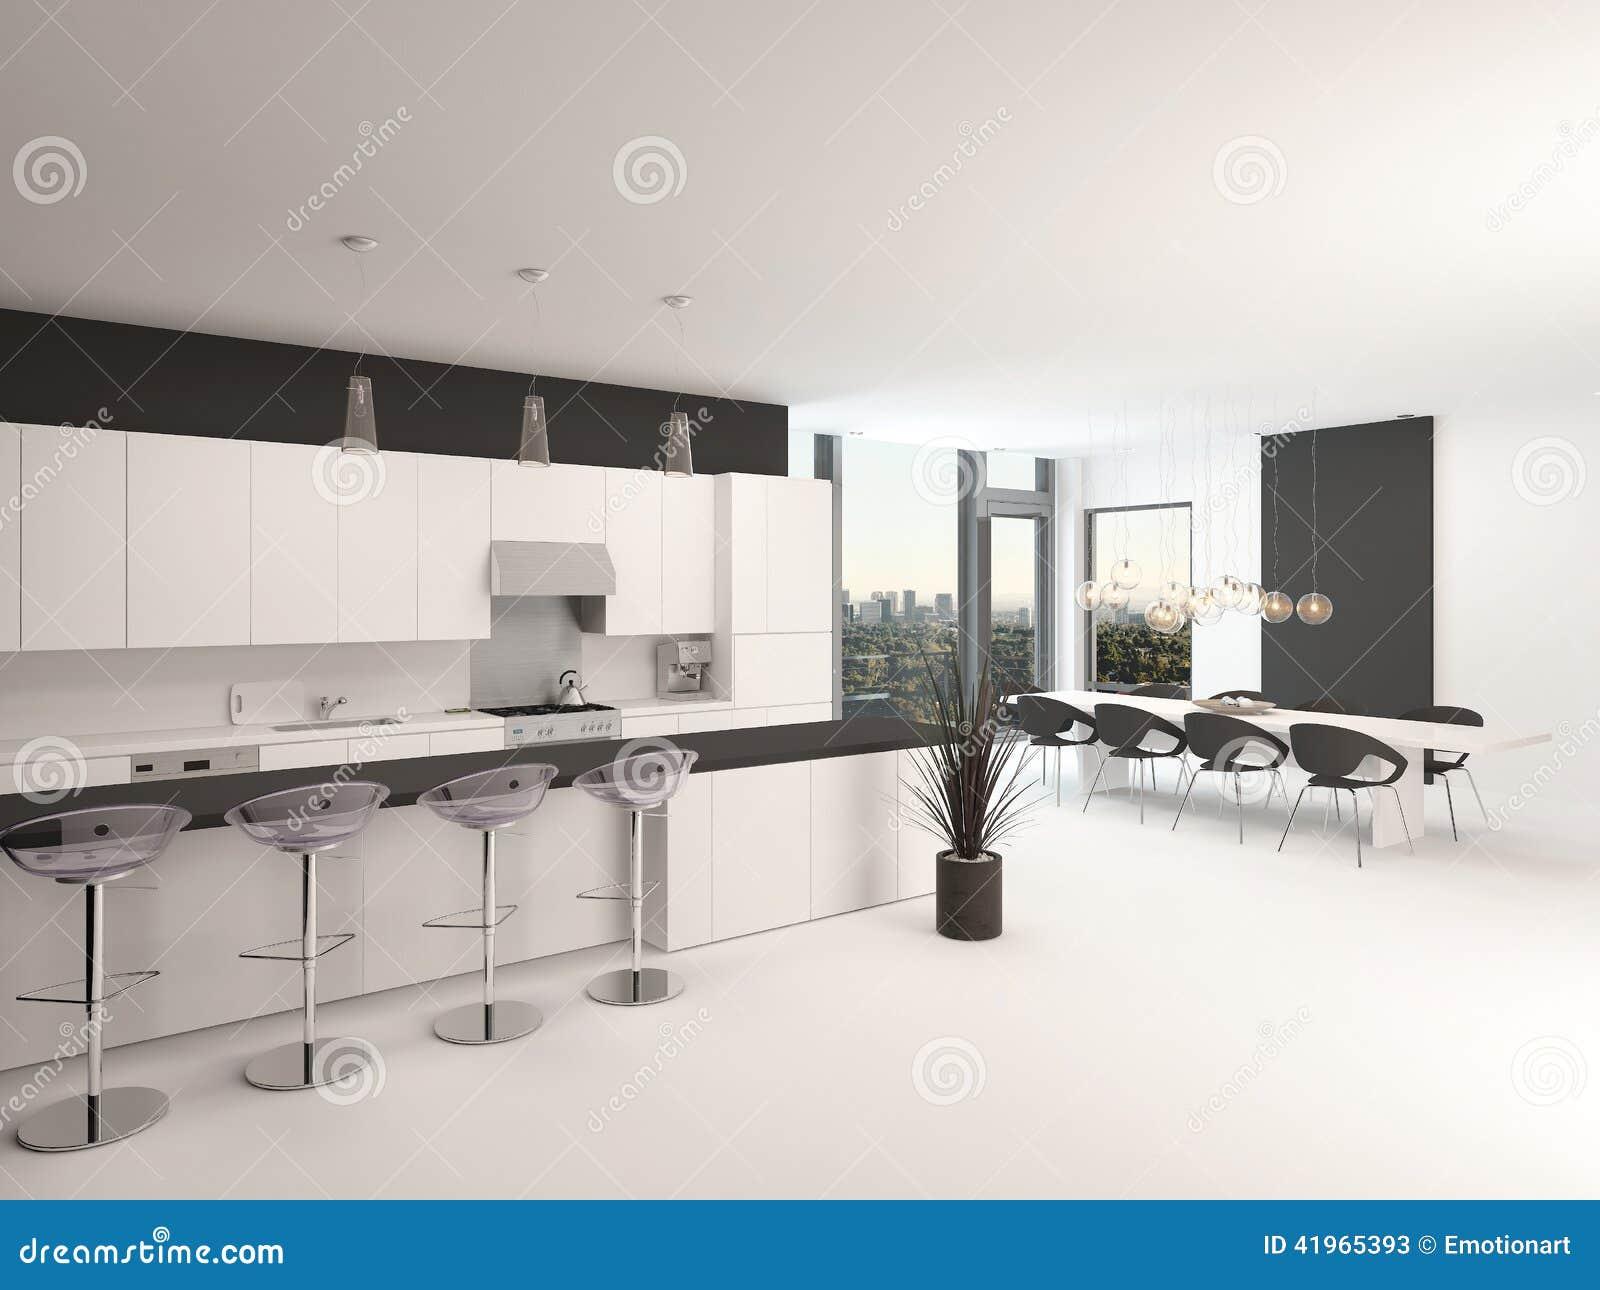 cuisine moderne noire et blanche maison moderne. Black Bedroom Furniture Sets. Home Design Ideas